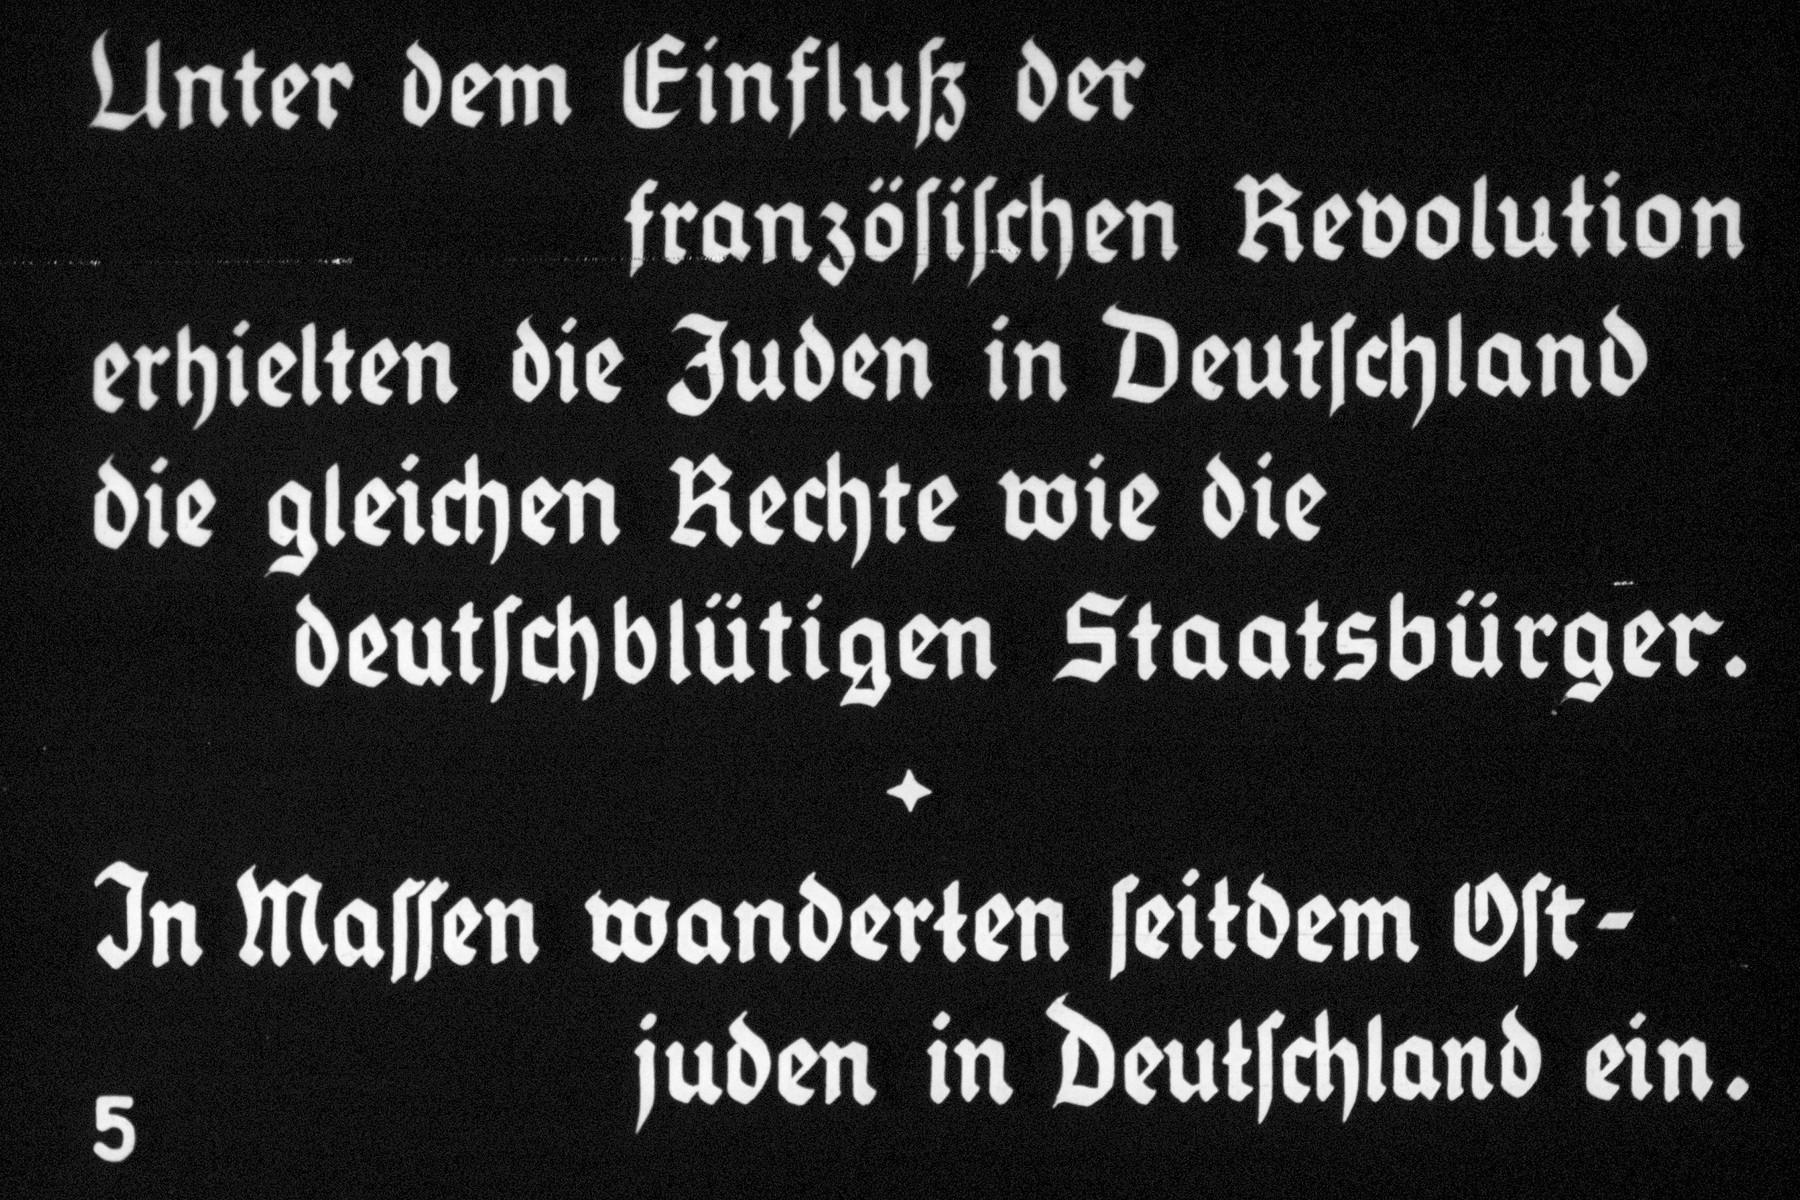 """5th Nazi propaganda slide of a Hitler Youth educational presentation entitled """"Germany Overcomes Jewry.""""  Unter dem Einfluß der französischen Revolution erhalten die Juden in Deutschland die gleichen Rechte wie die deutschblütigen Staatsbürger. In Massen wanderten seitdem Ostjude in Deutschland ein. // Under the influence of the French Revolution, the Jews in Germany recieved the same rights as the citizens of German blood. Eastern Jews then migrated to Germany in large numbers."""